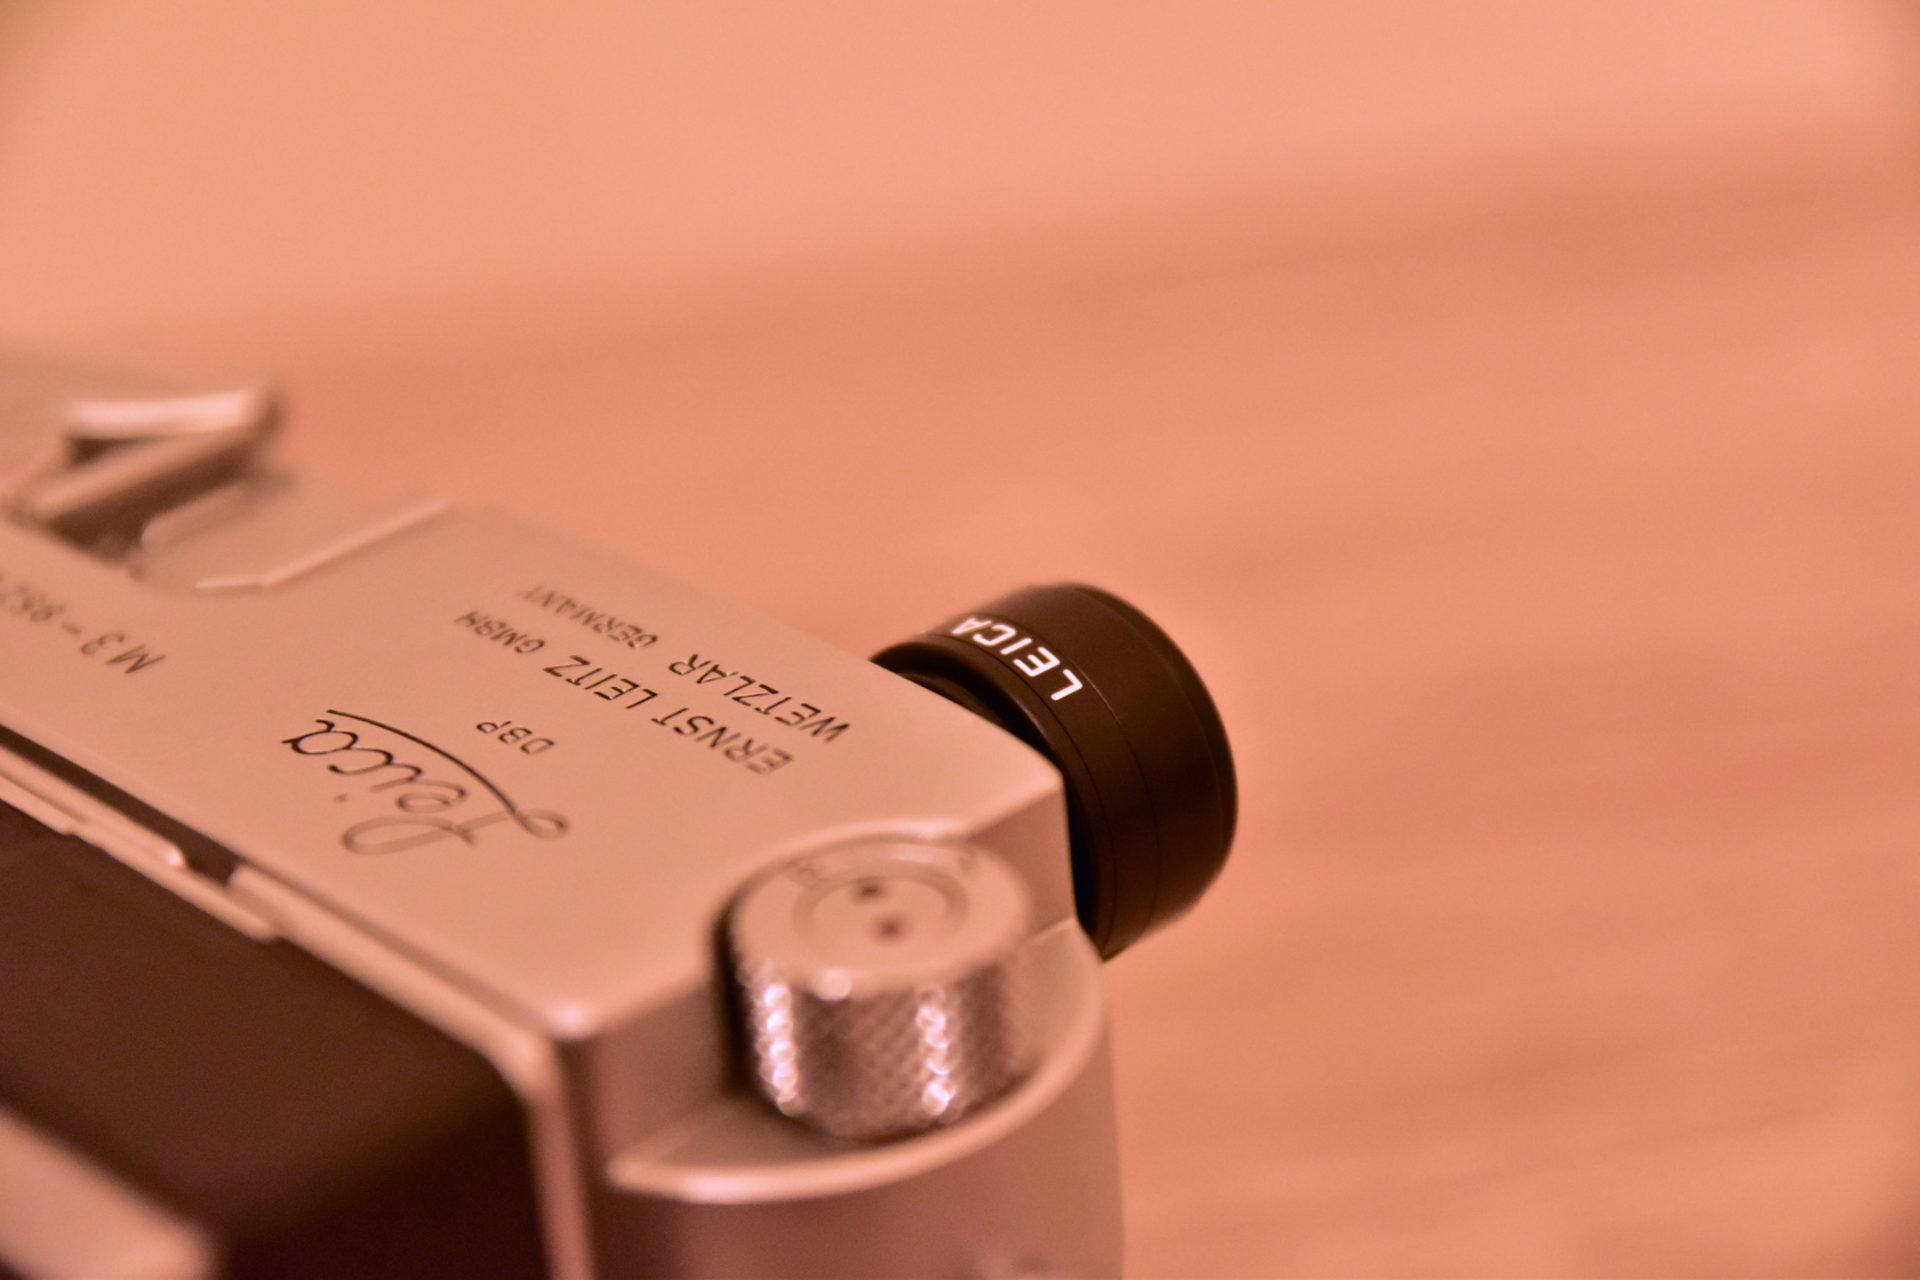 ライカにマグニファイヤーを装着して世界を変えよう。M型用の製品比較と裏技的な使い方の紹介。